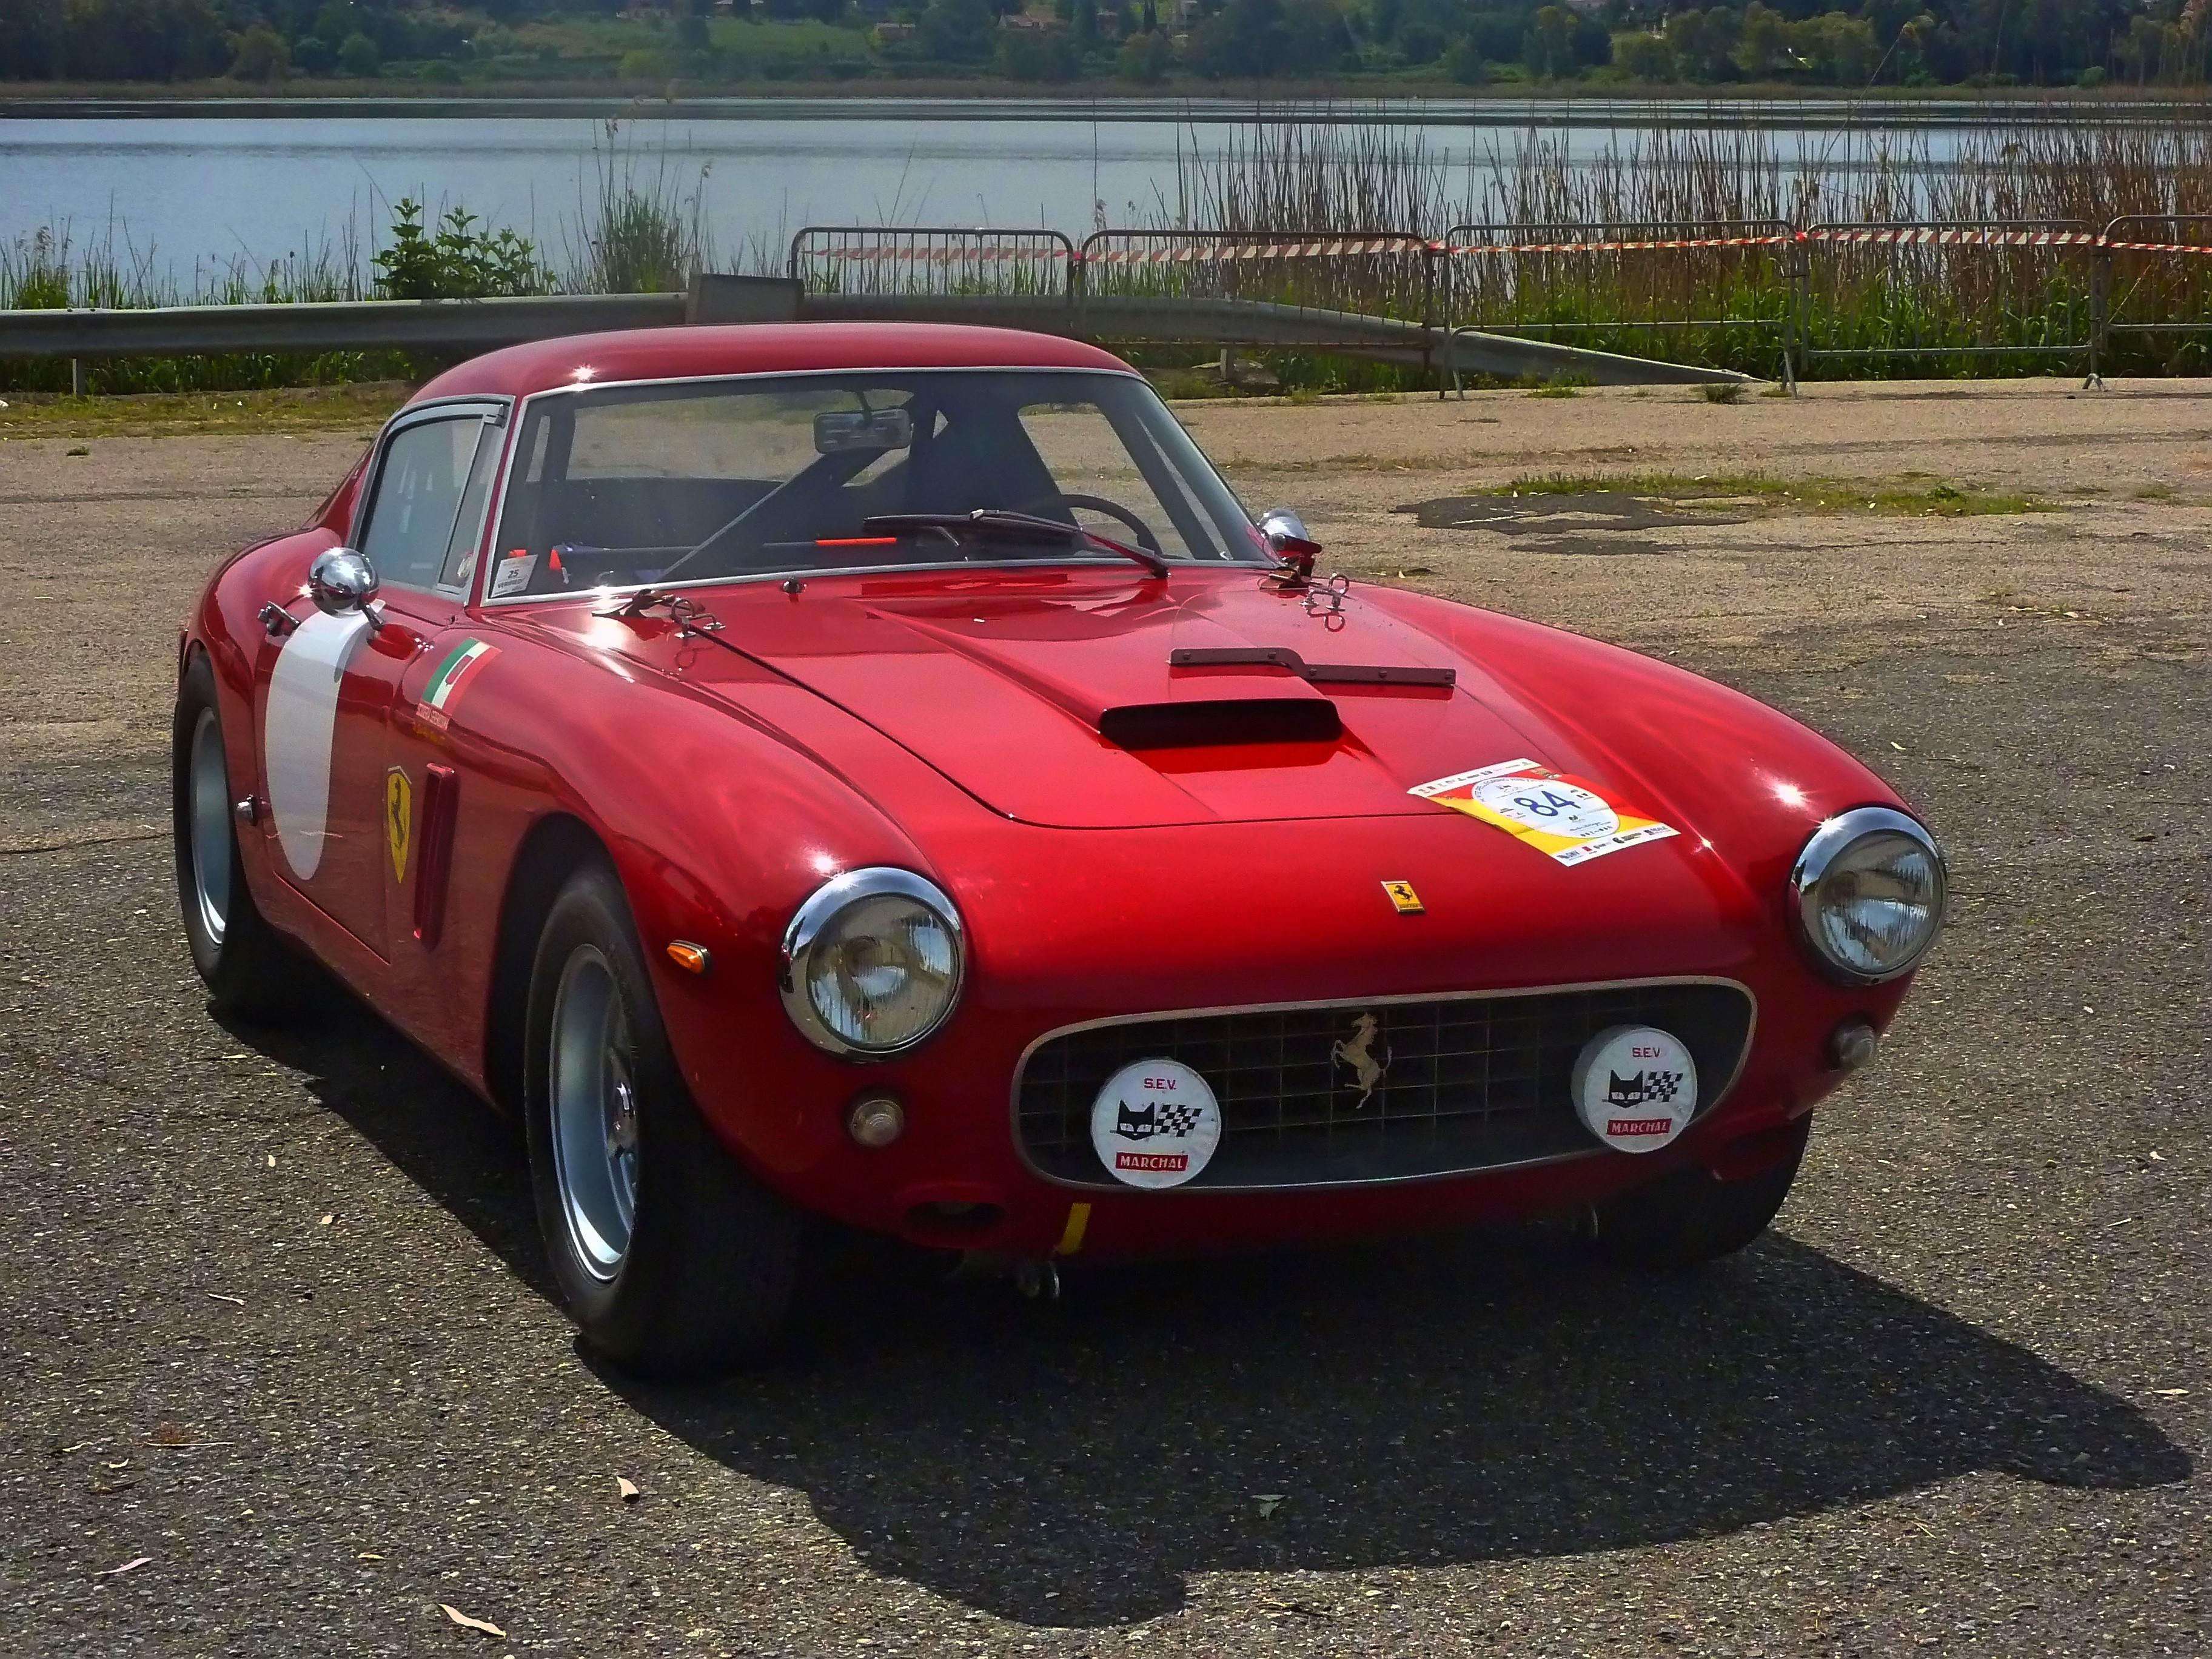 1961 Ferrari 250 GT SWB #2701 (40)_filtered